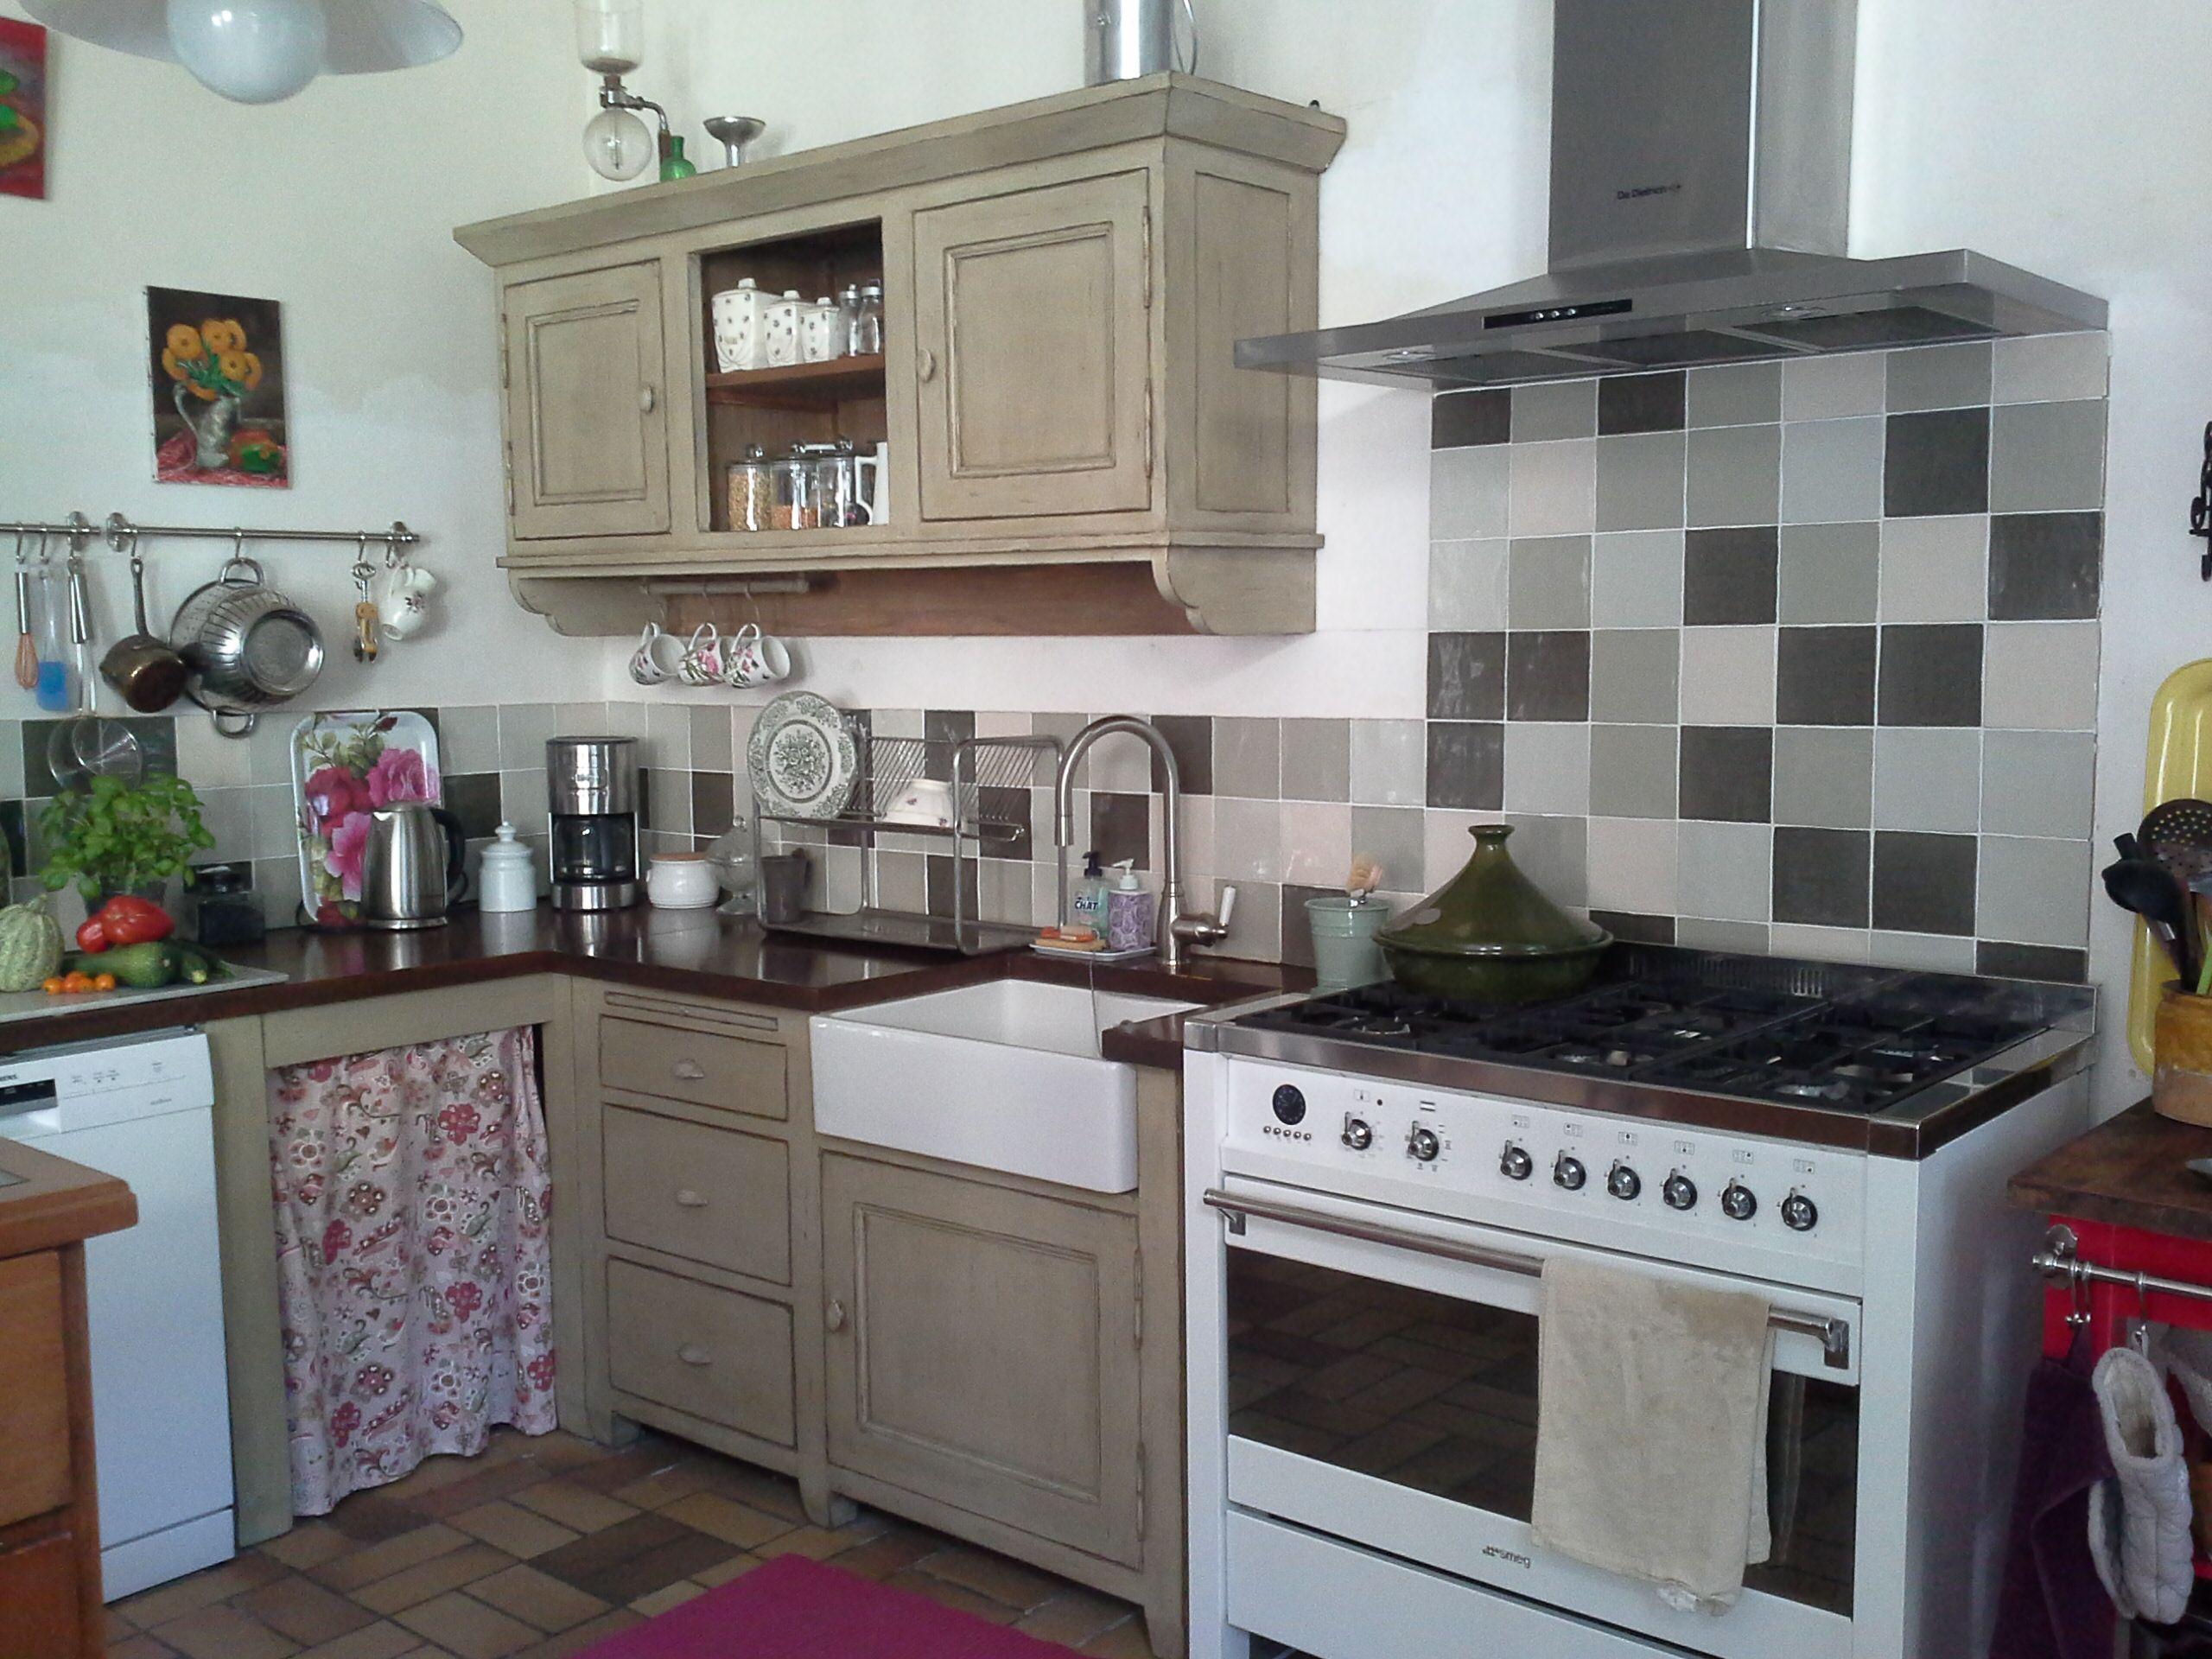 cuisine de charme kitchen cuisines deco cuisine. Black Bedroom Furniture Sets. Home Design Ideas